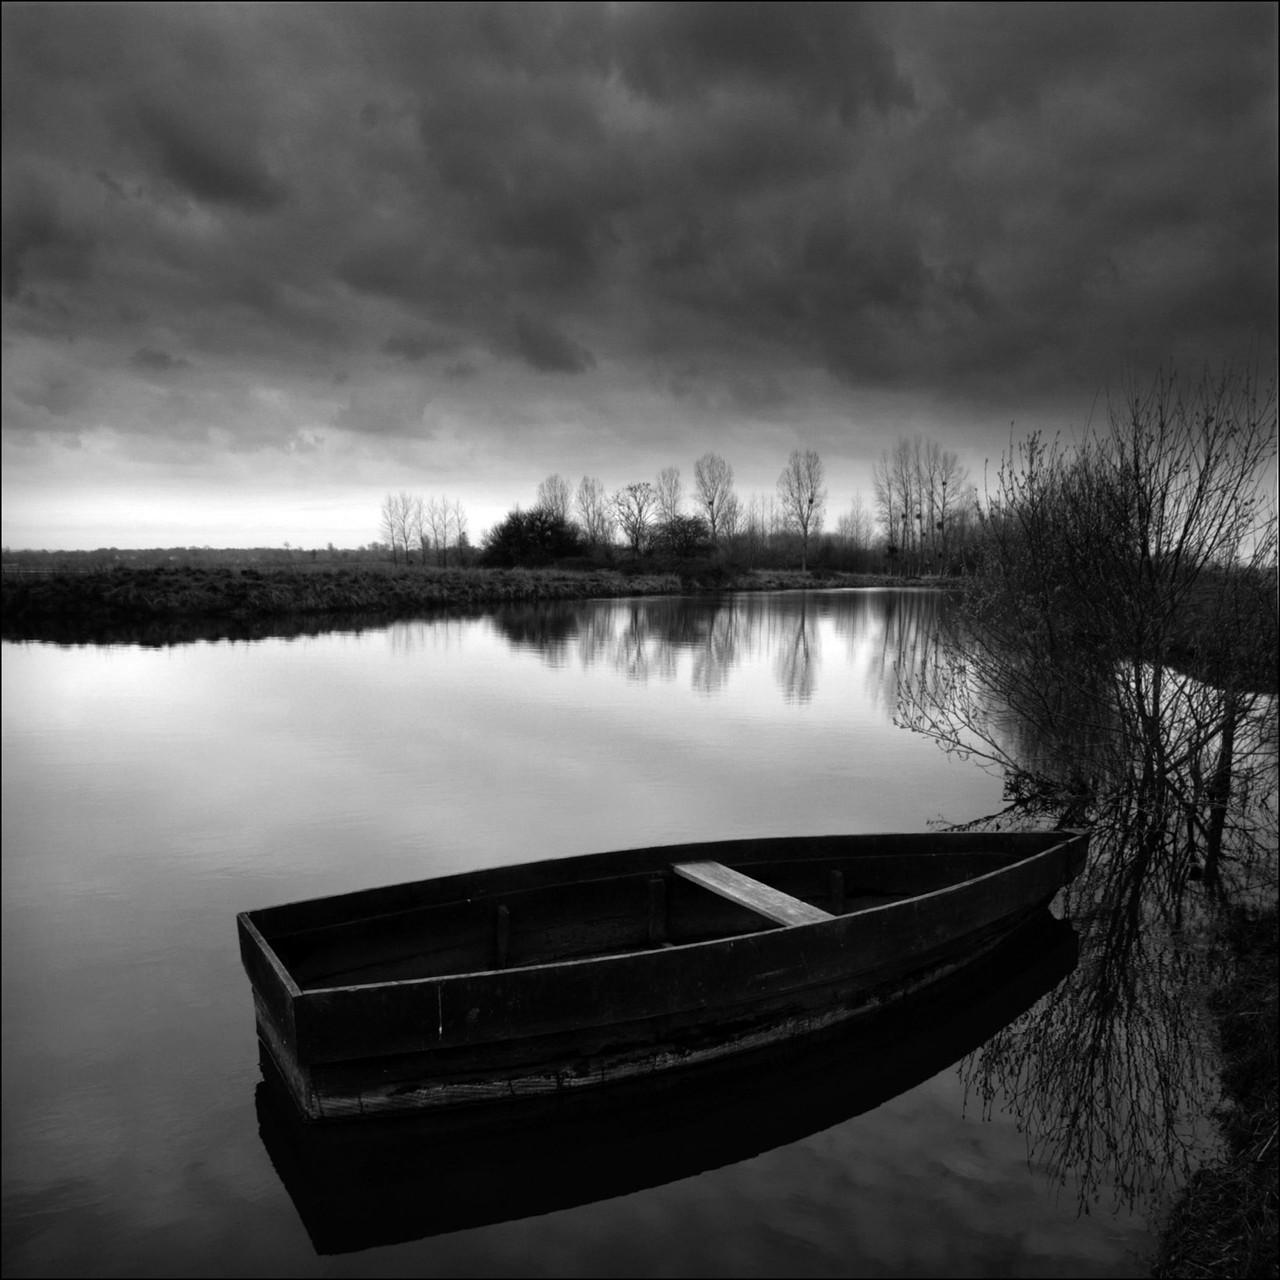 Michel Chauvin-La barque 2